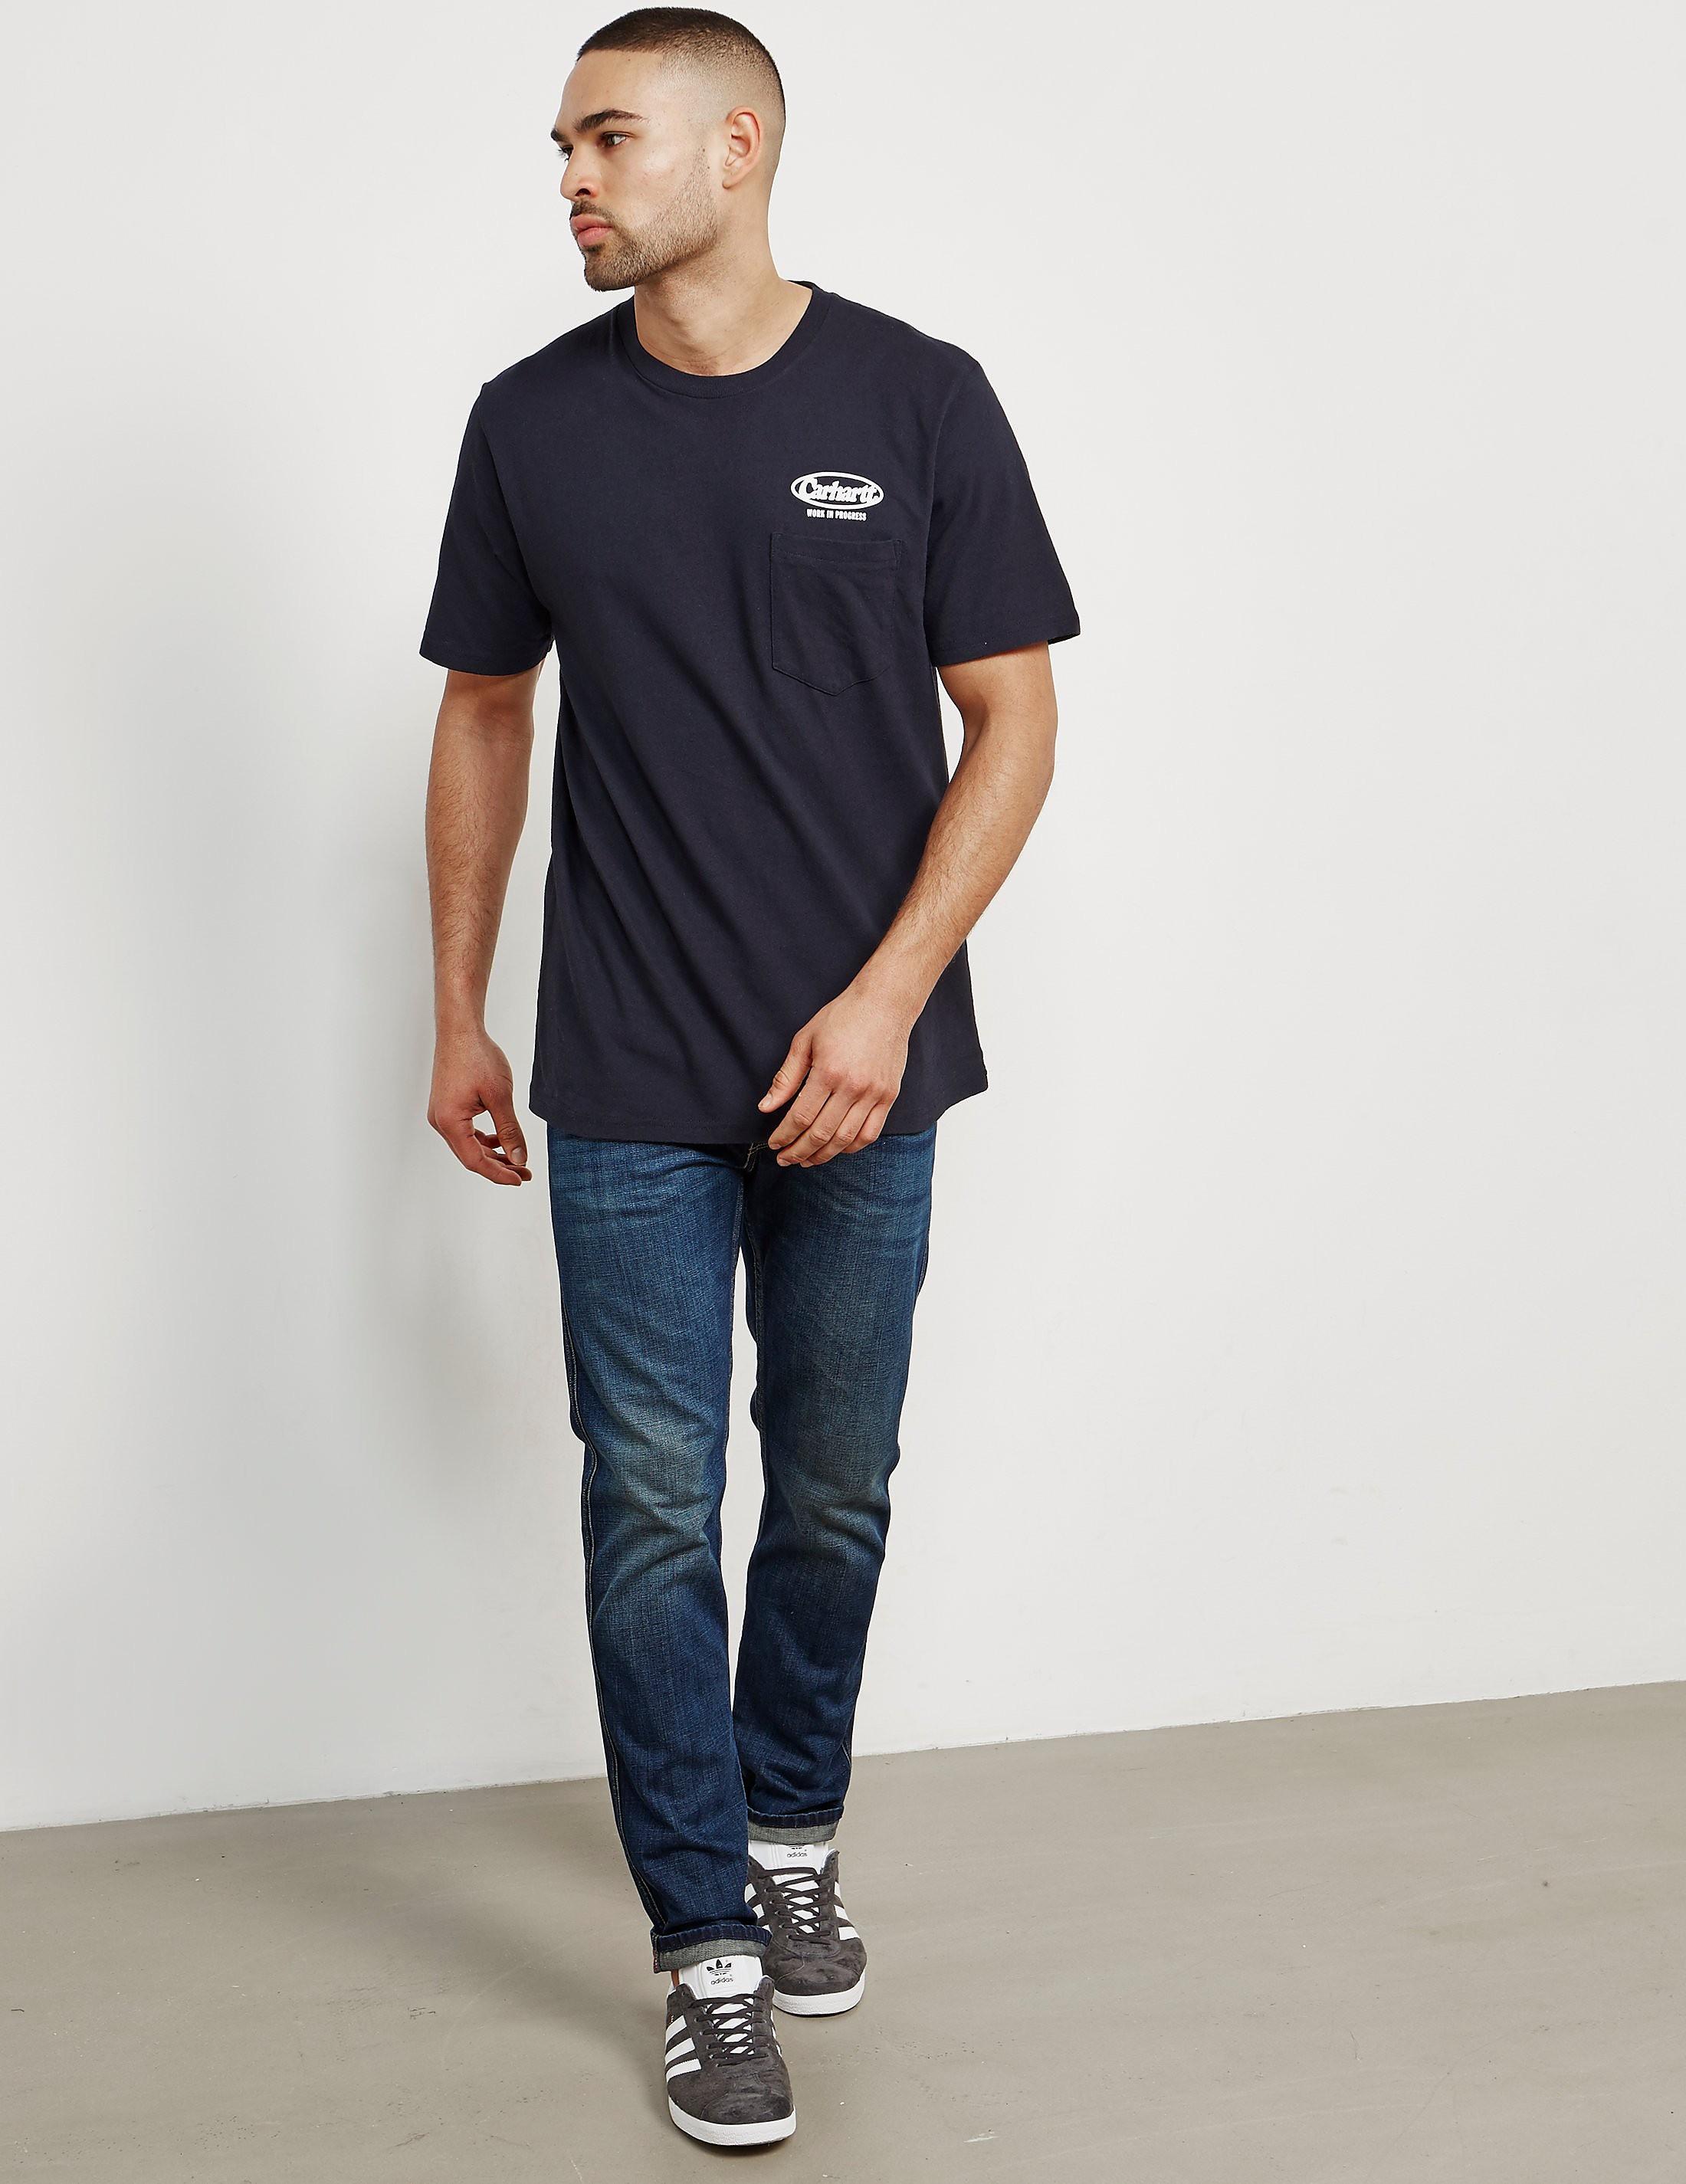 Carhartt WIP Oval Script Short Sleeve T-Shirt